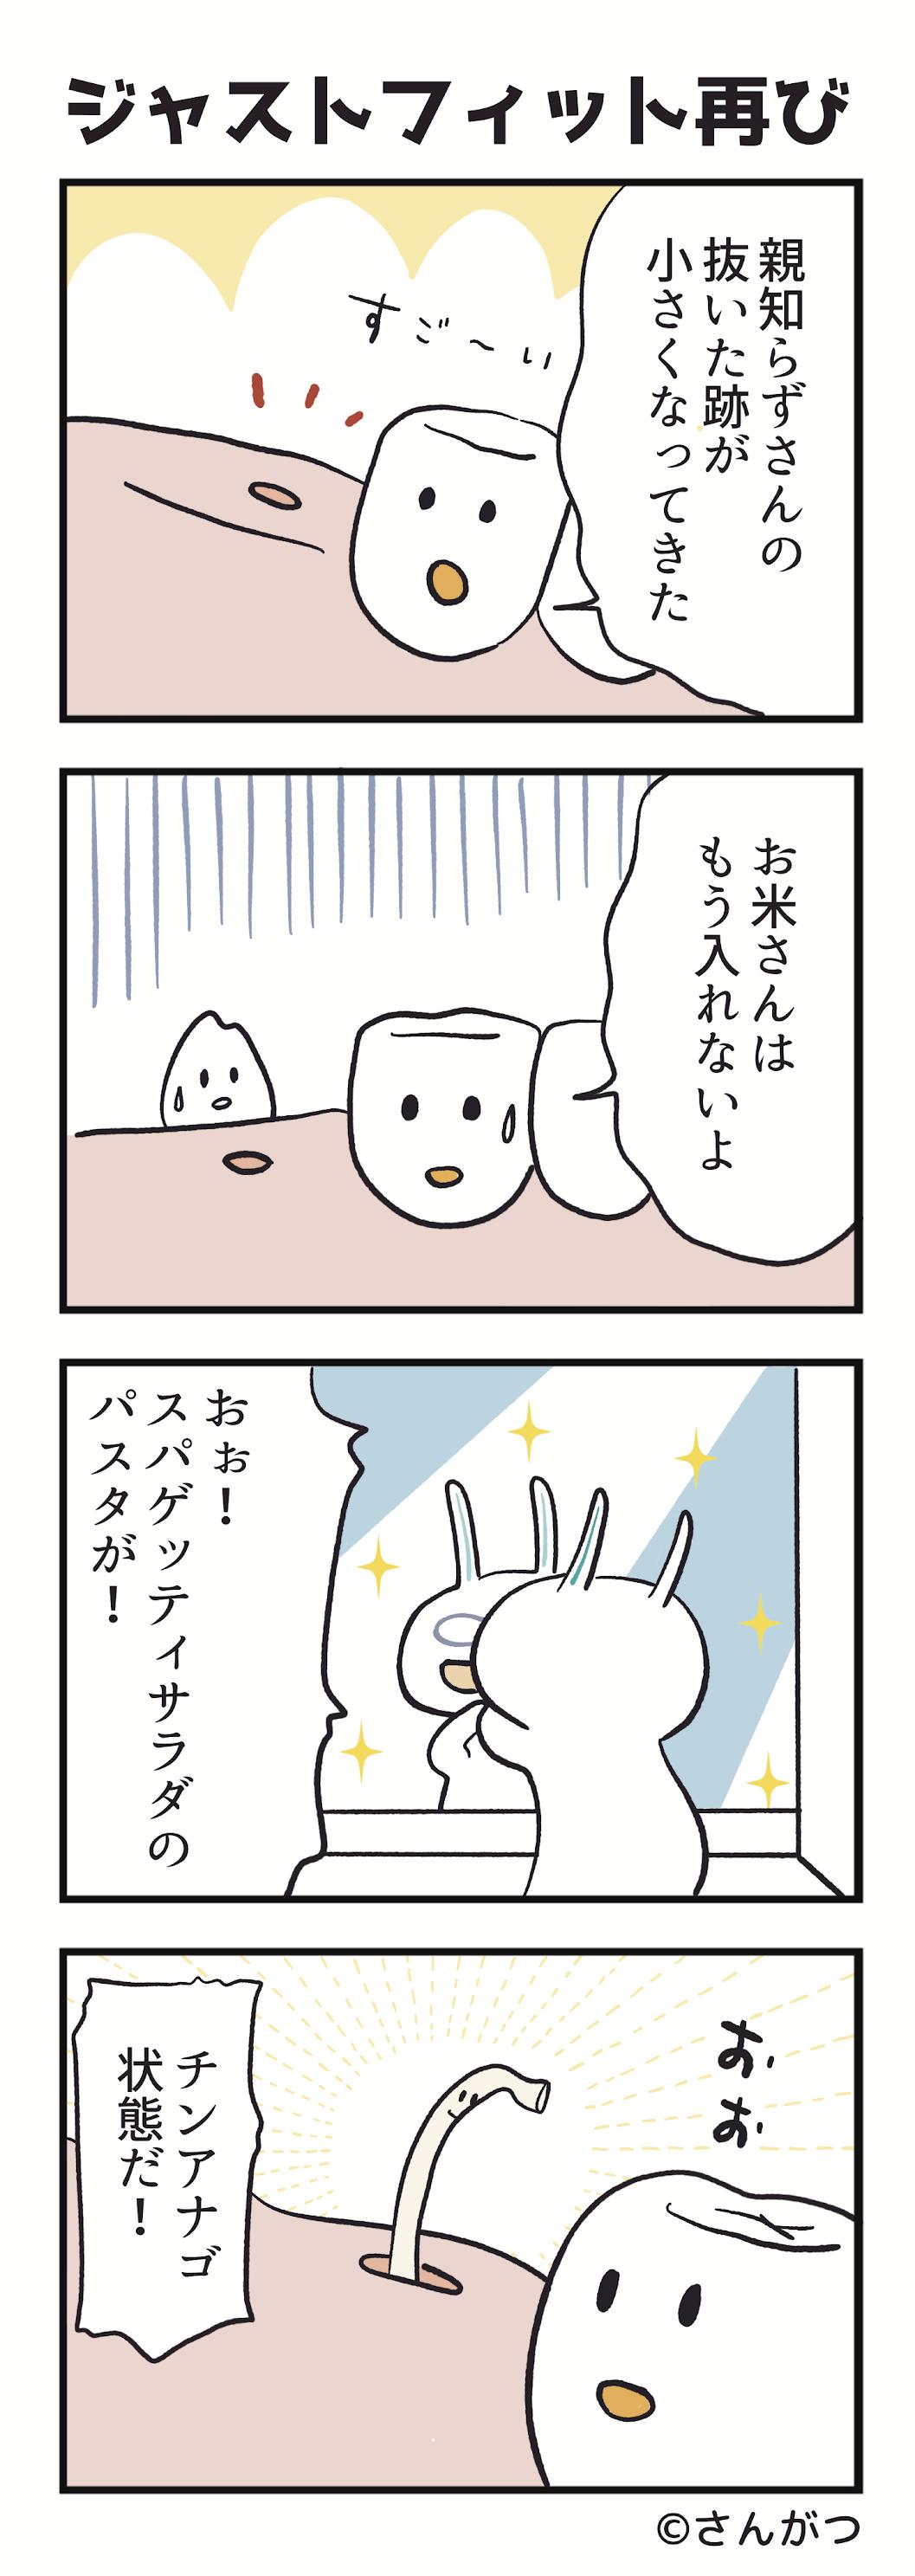 歯科矯正の漫画10「親知らずの抜歯・・・ジャストフィット編」